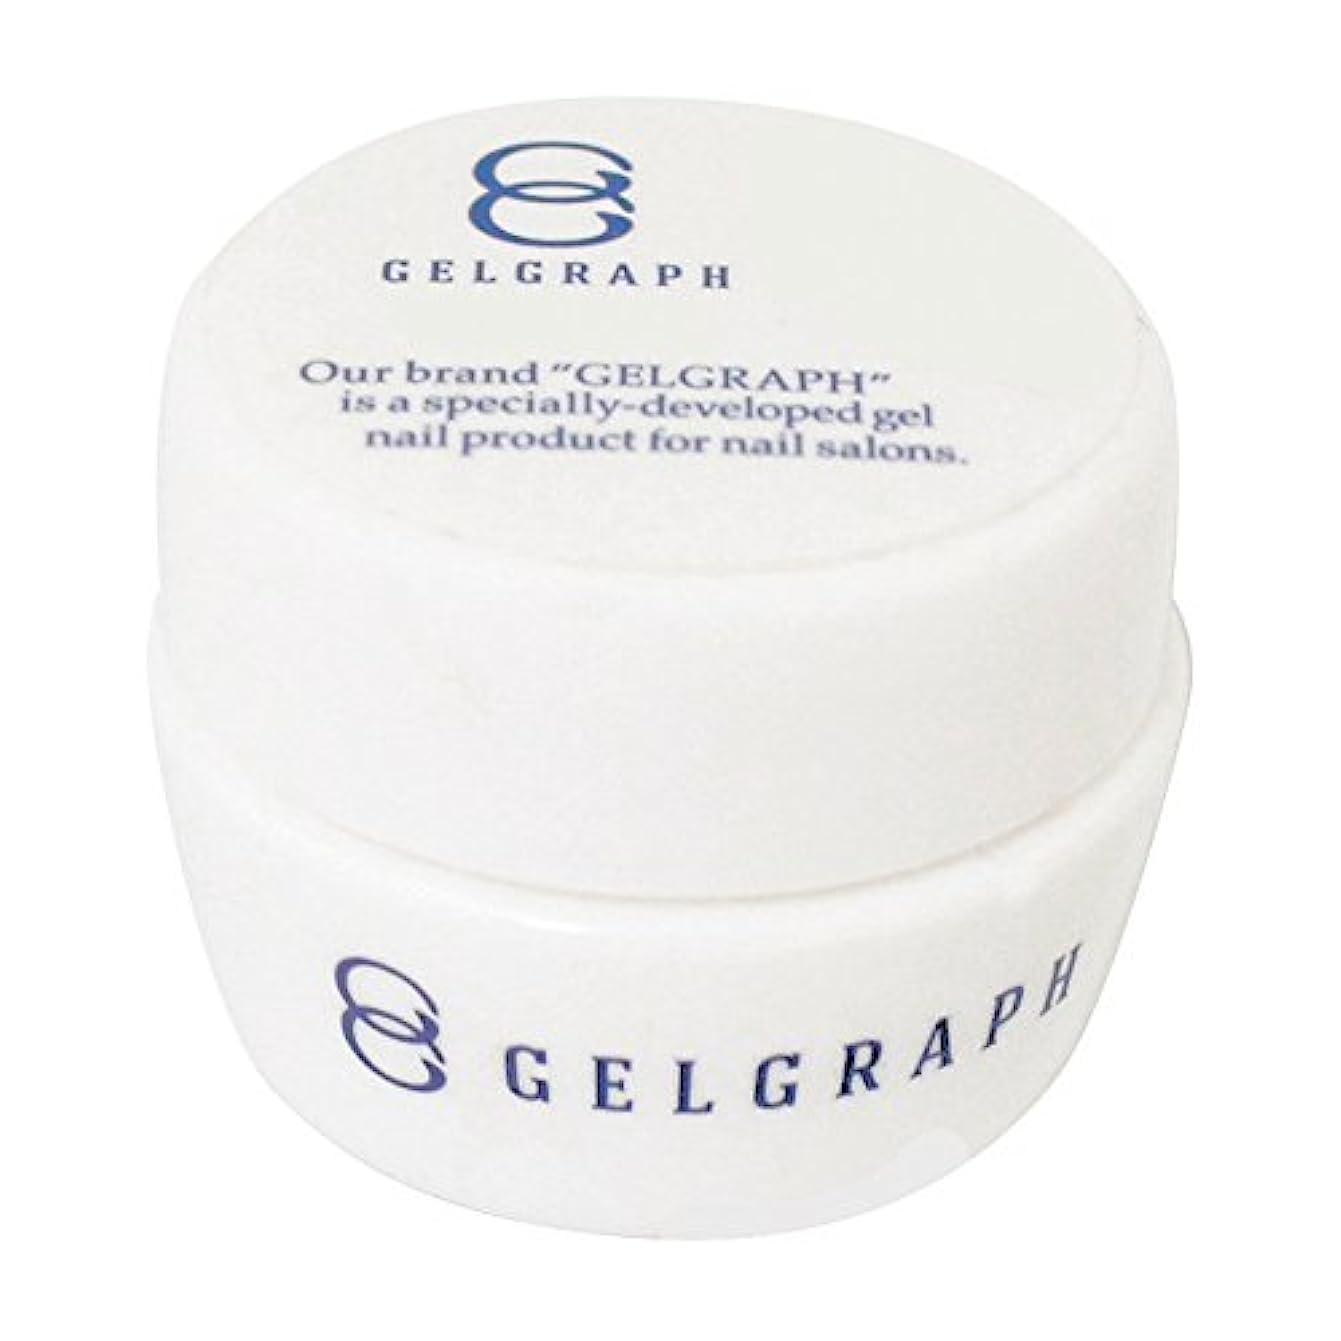 GELGRAPH カラージェル 007M ルナパーク 5g UV/LED対応 ソークオフジェル